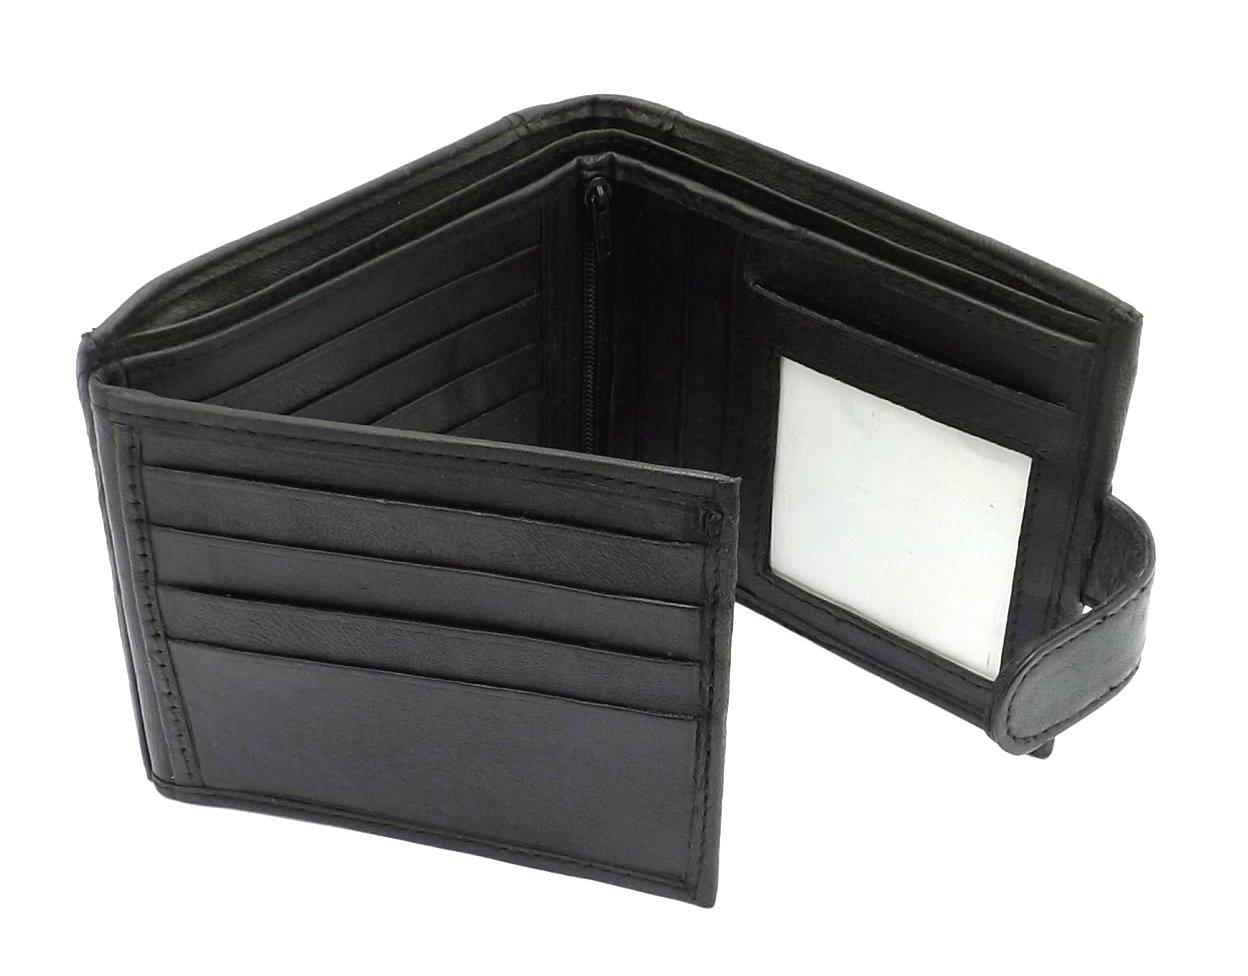 Portafogli In Morbida Pelle Da Uomo Che Contiene 12 Carte - 2 Spazi Per Banconote - Spazio Per Documento di Identità - Nero, 11X9CM